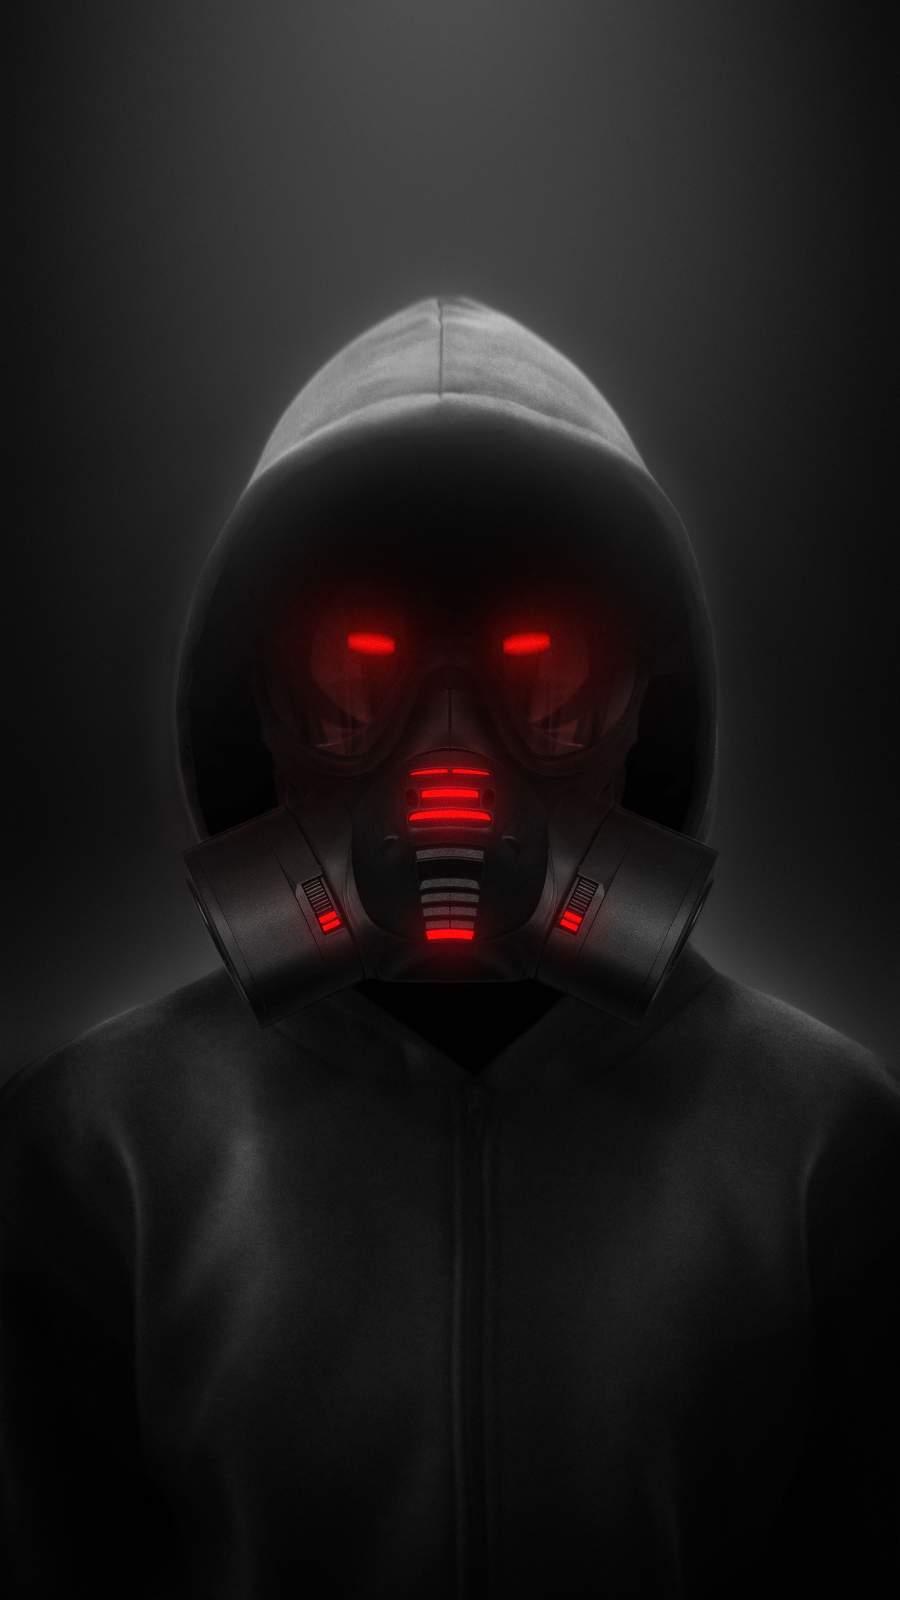 Gas Mask Hoodie Guy